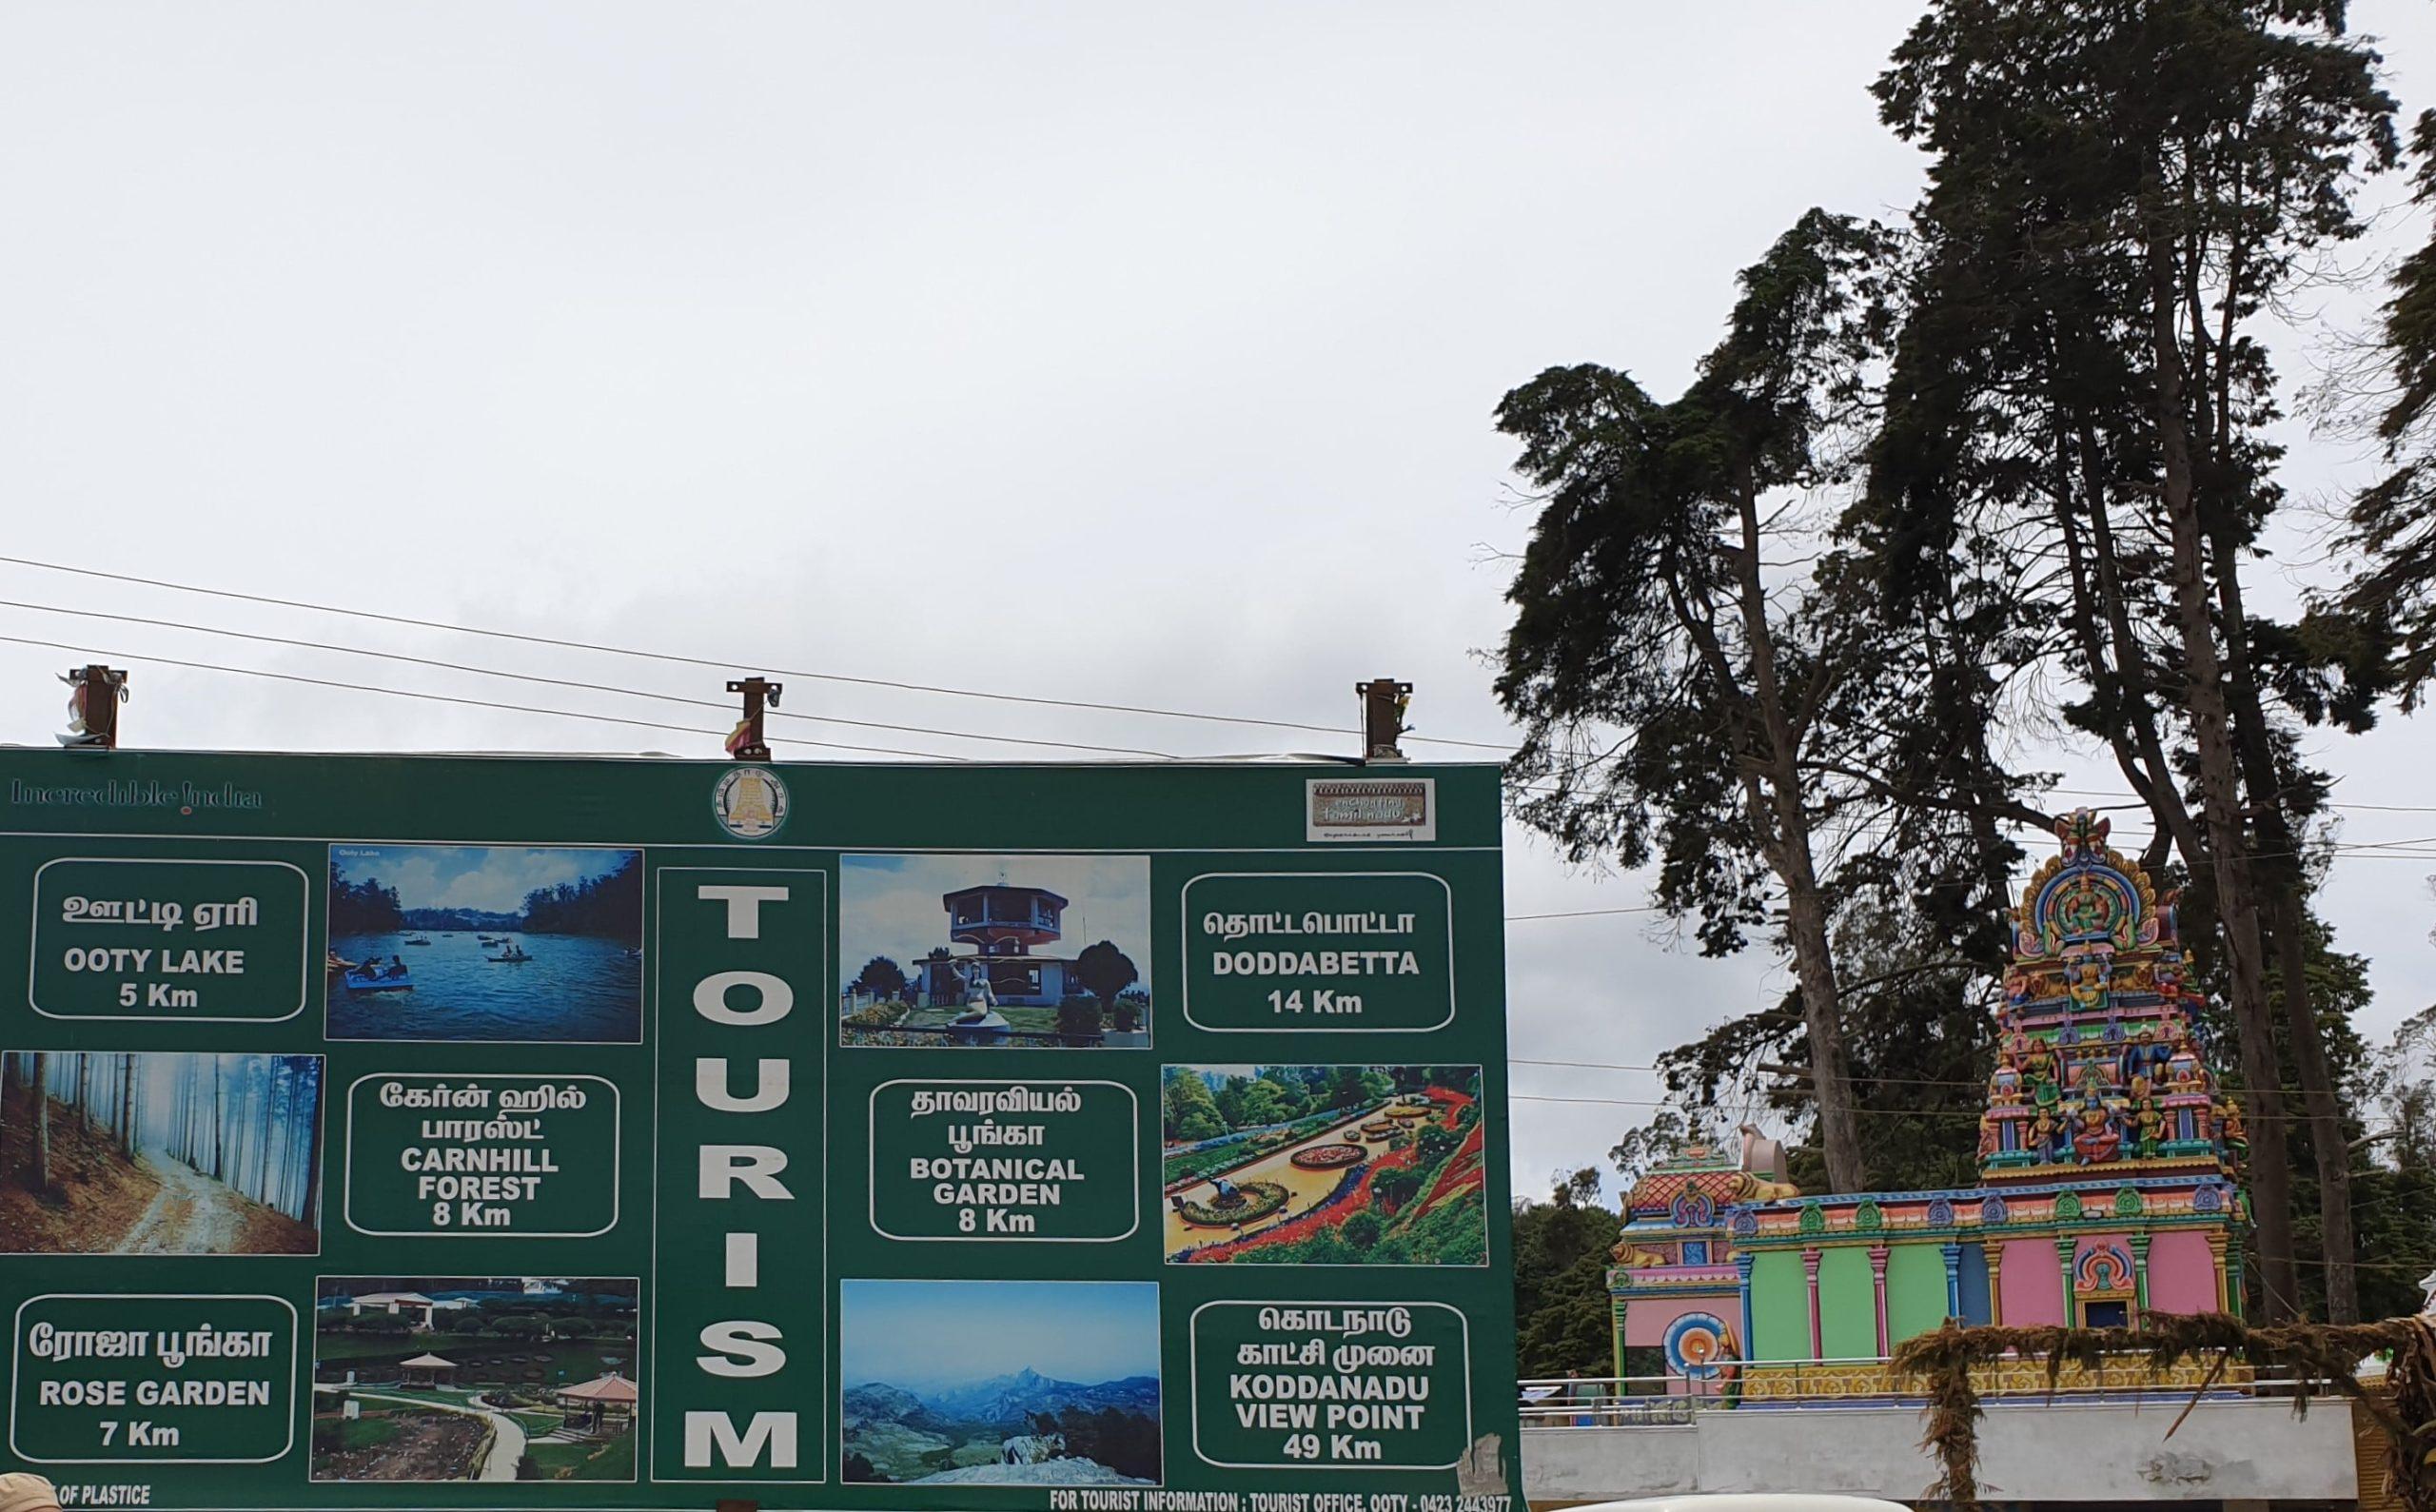 Ooty, the Nilgiris Distrtict: Kodanadu View Point